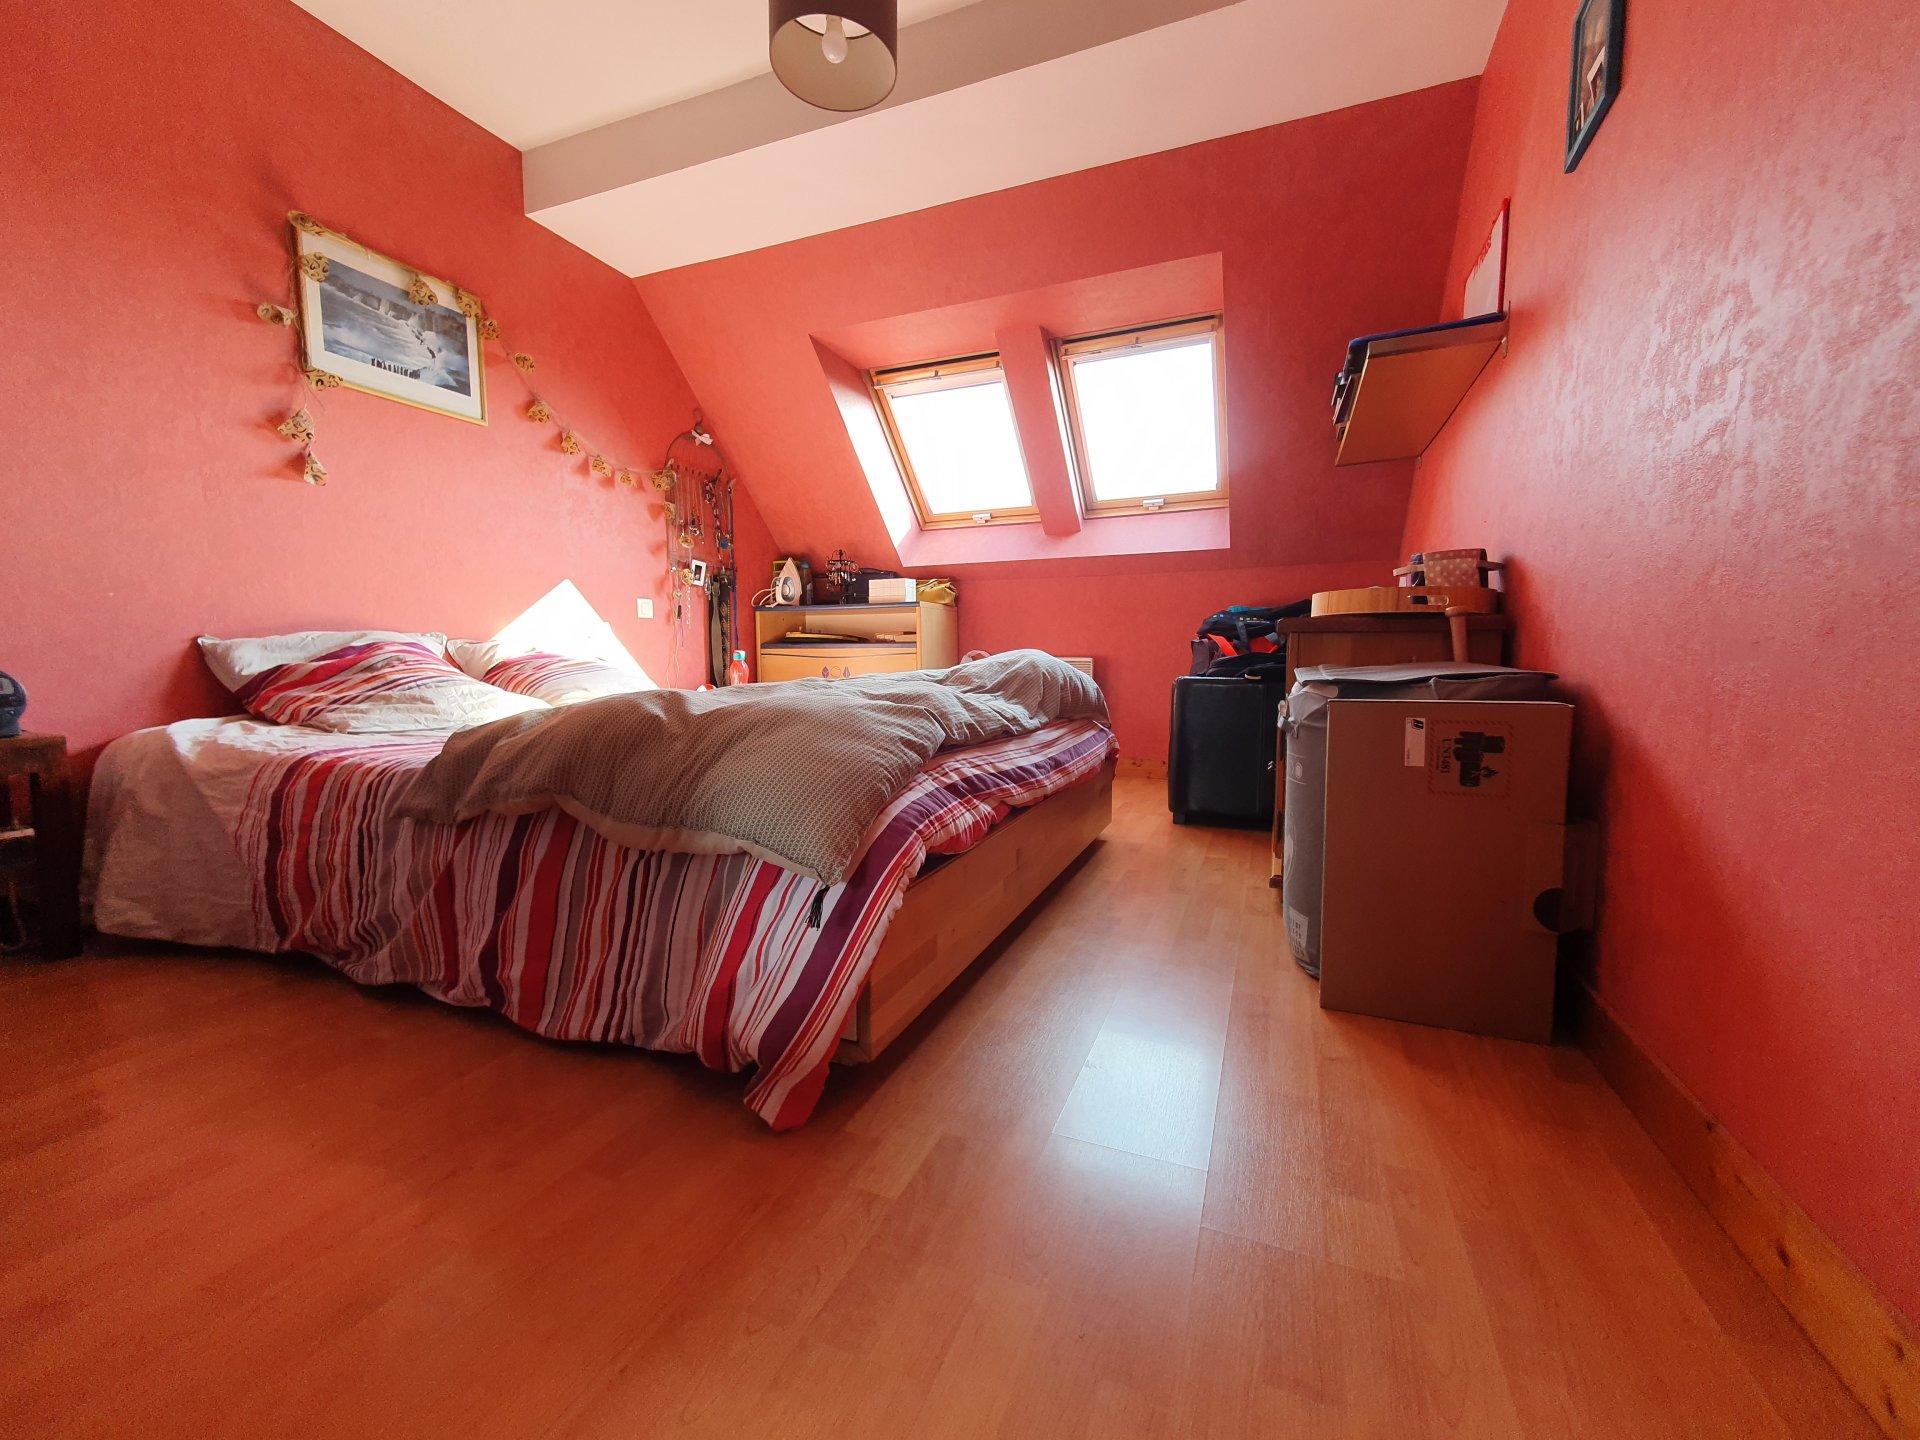 Maison de 2006 - terrain de 1200 m²